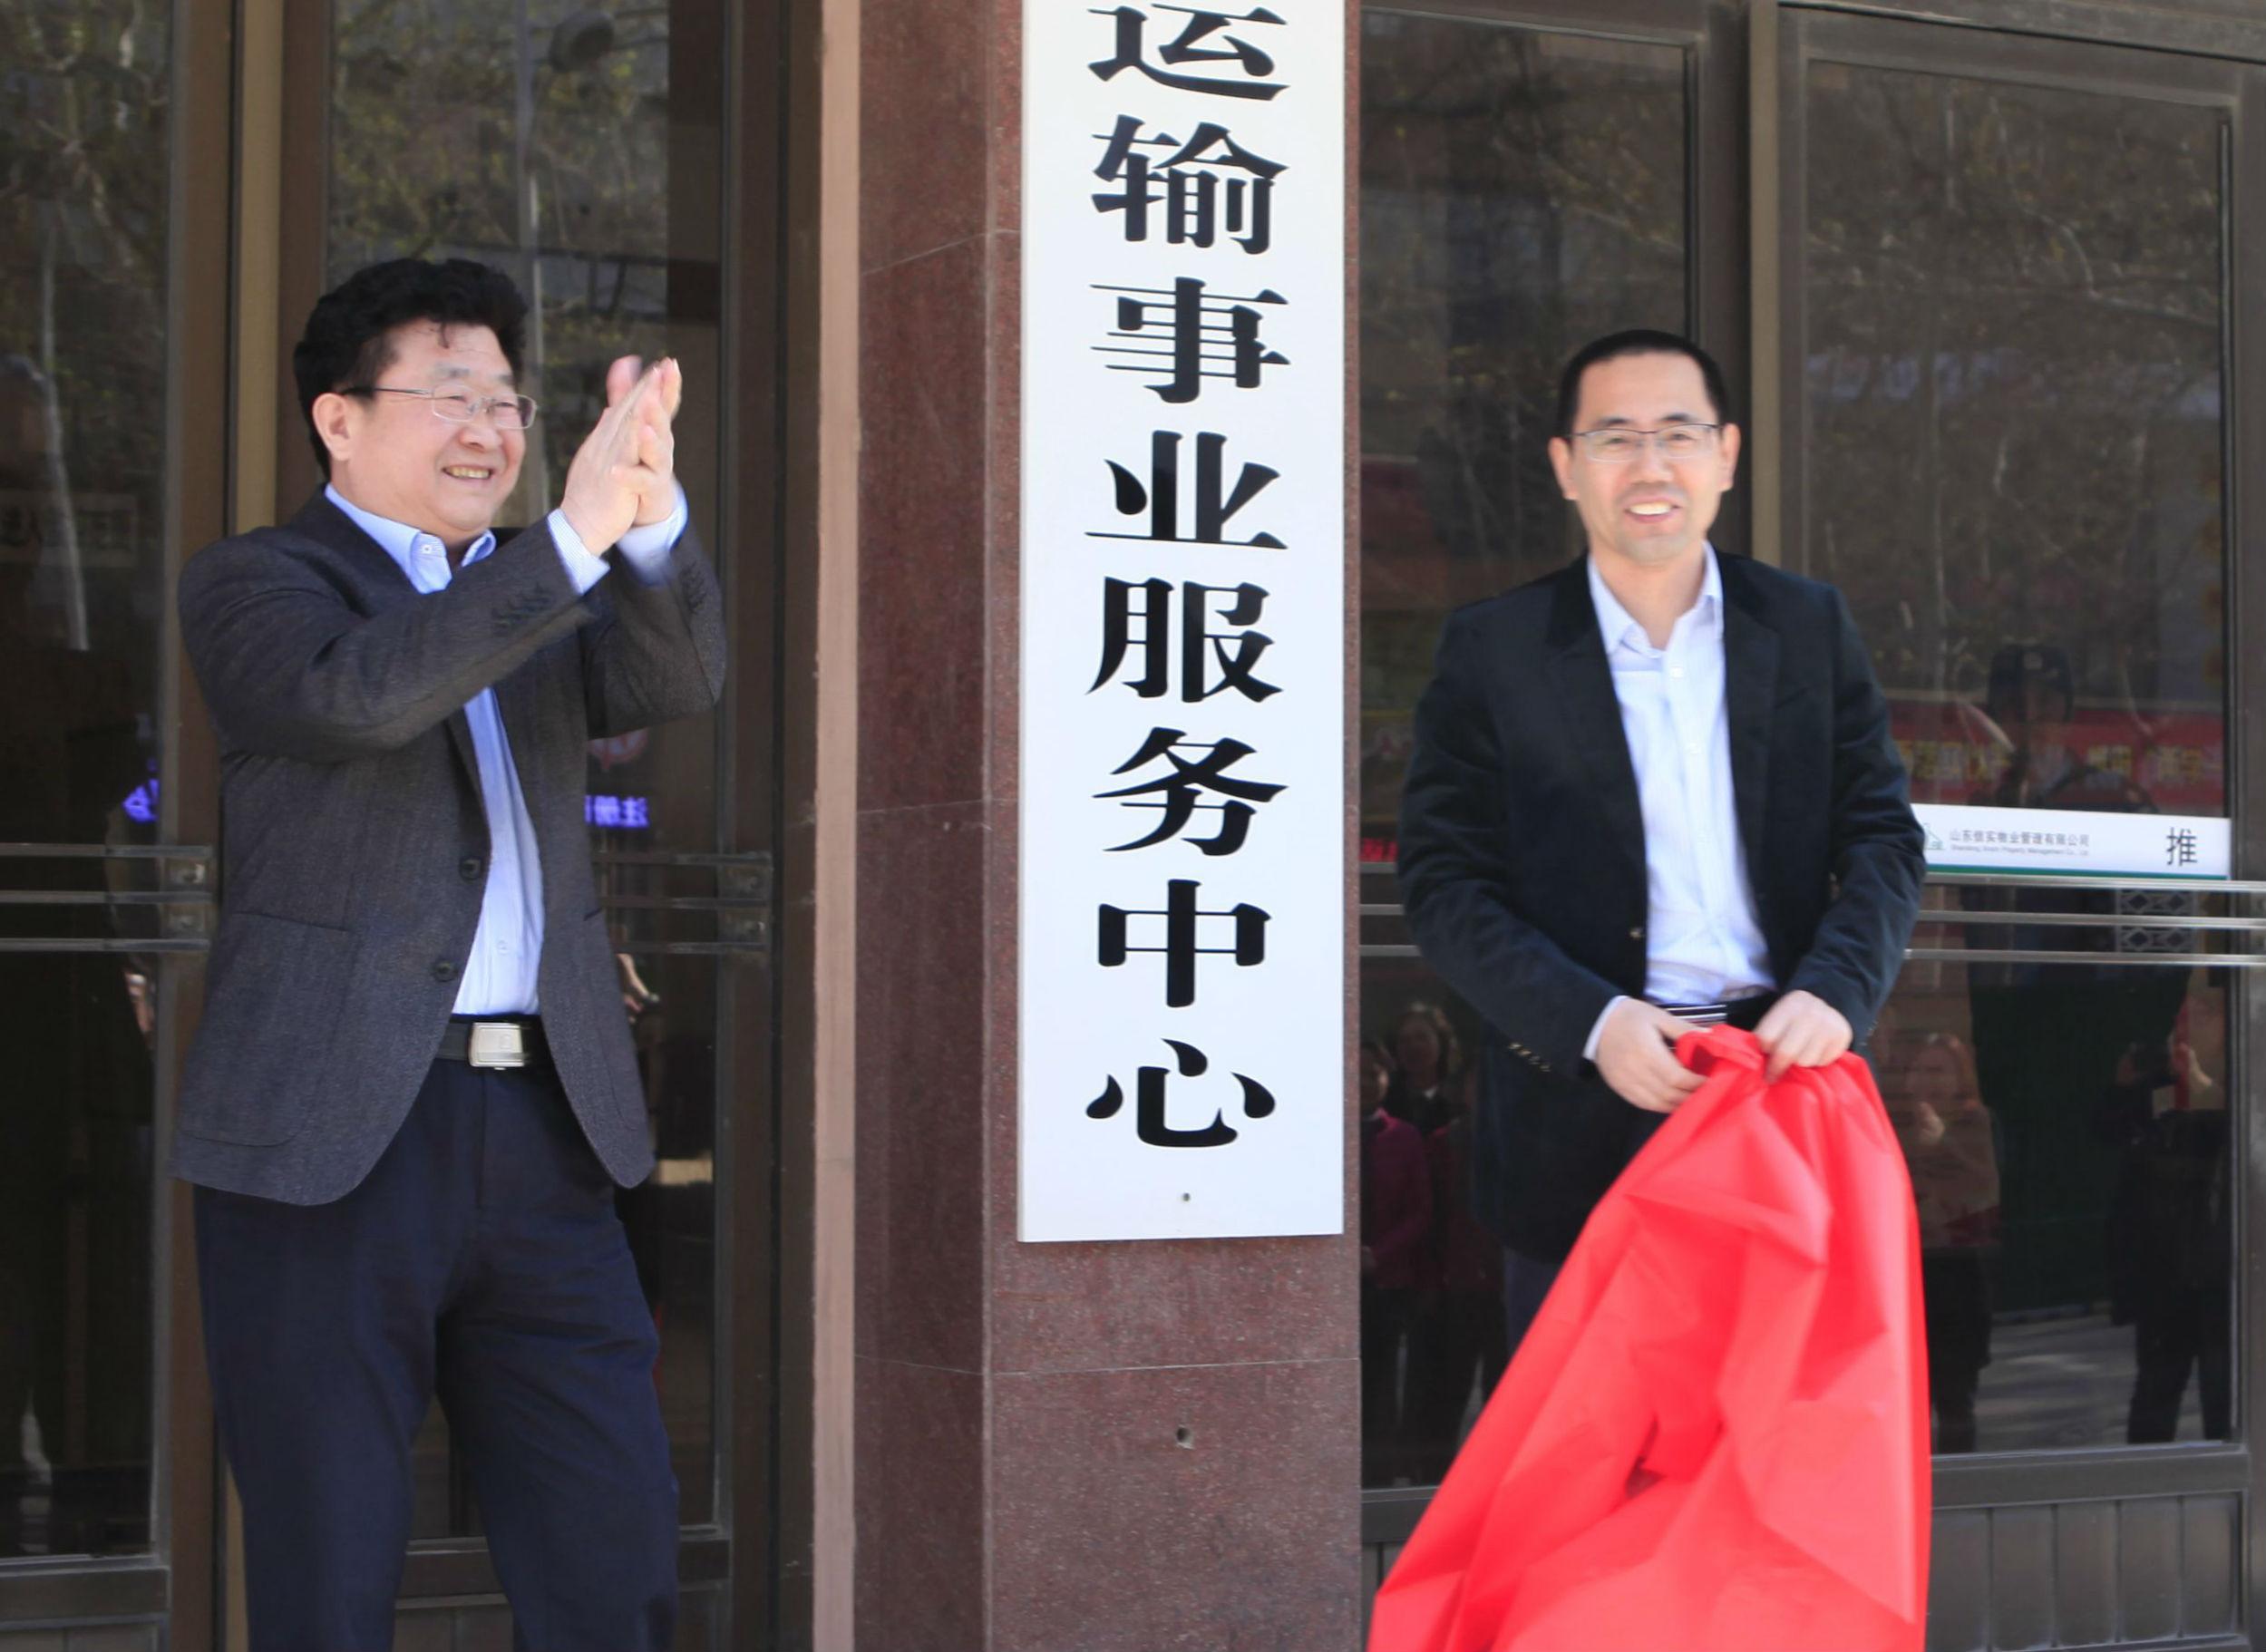 淄博市交通运输事业服务中心举行挂牌仪式